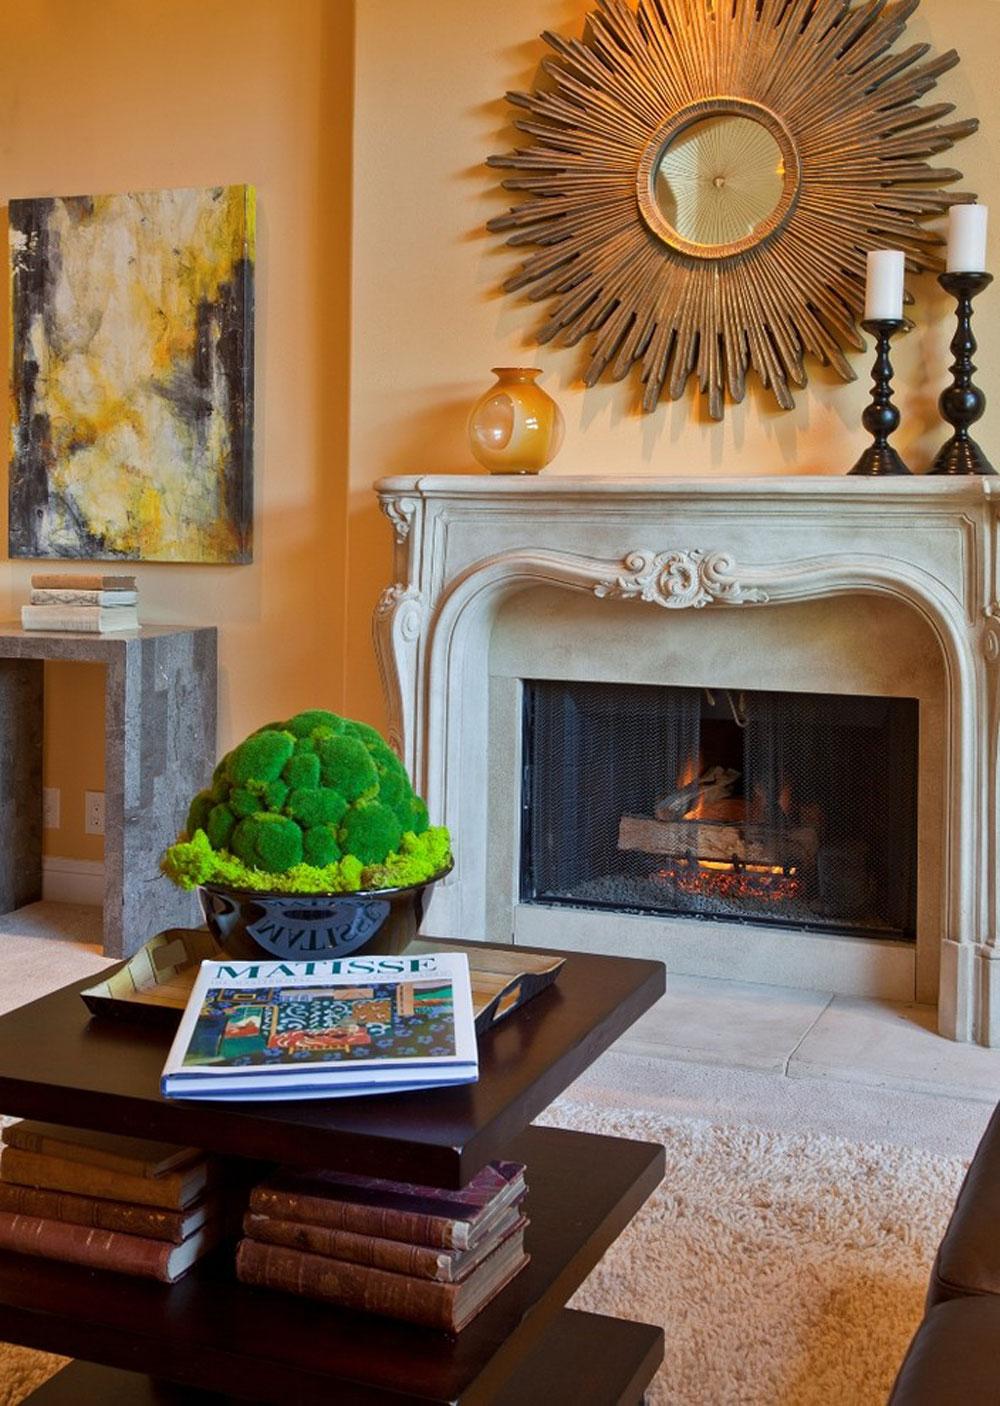 Meydenbauer-Residenz-von-Andrea-Braund-Home-Staging-Design Använd persikafärgen för att dekorera fantastiska interiörer